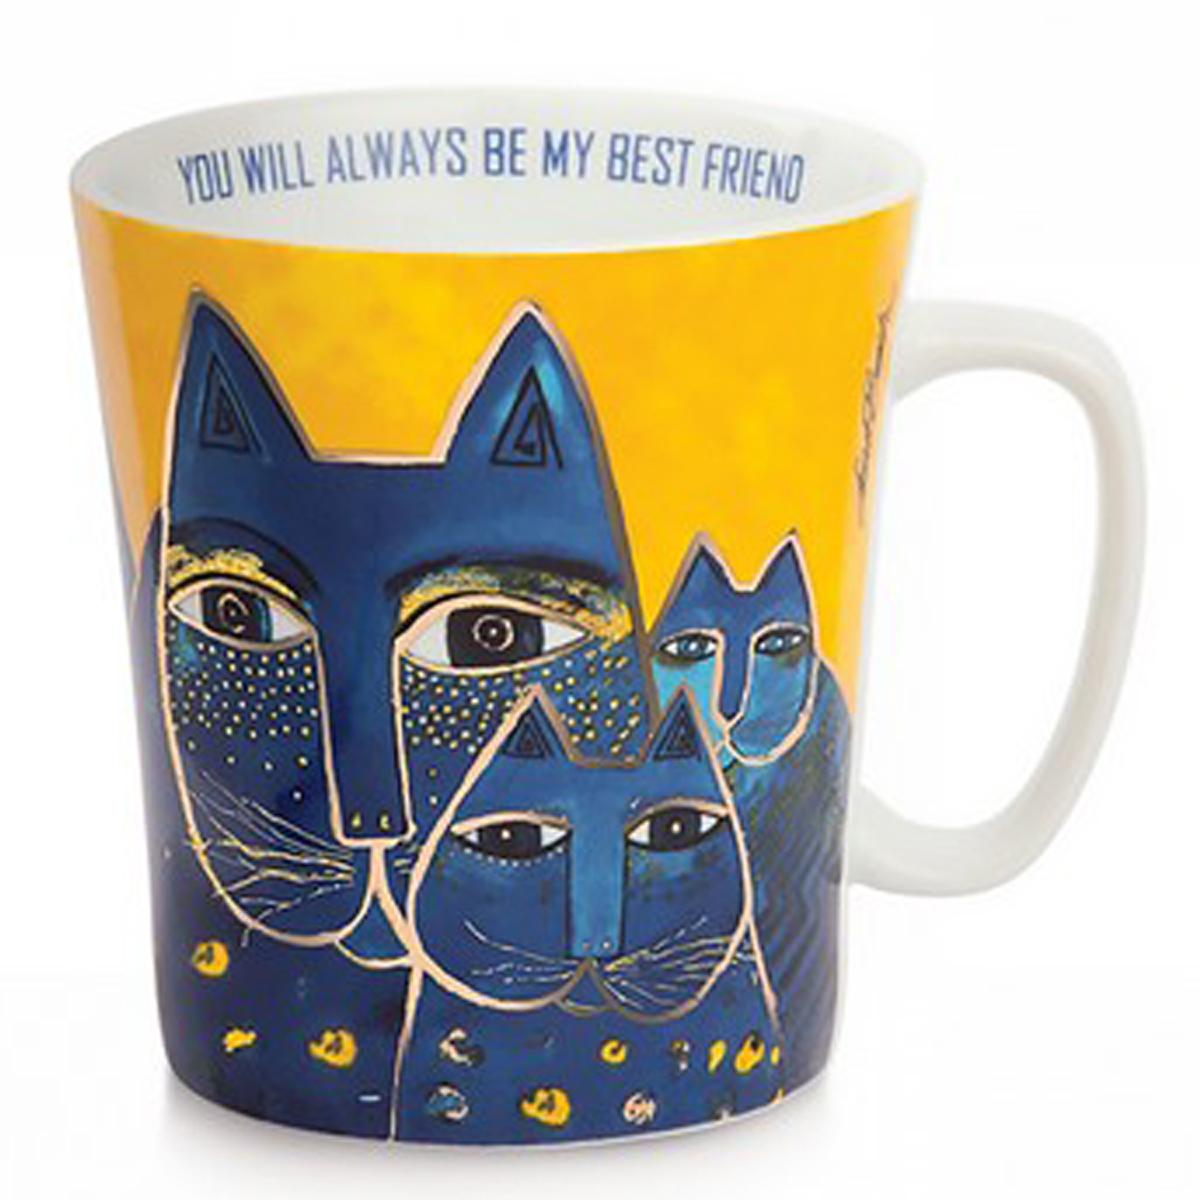 Mug porcelaine \'Laurel Burch\' jaune bleu multicolore (chats) - 10x9 cm (430 ml) - [A2678]